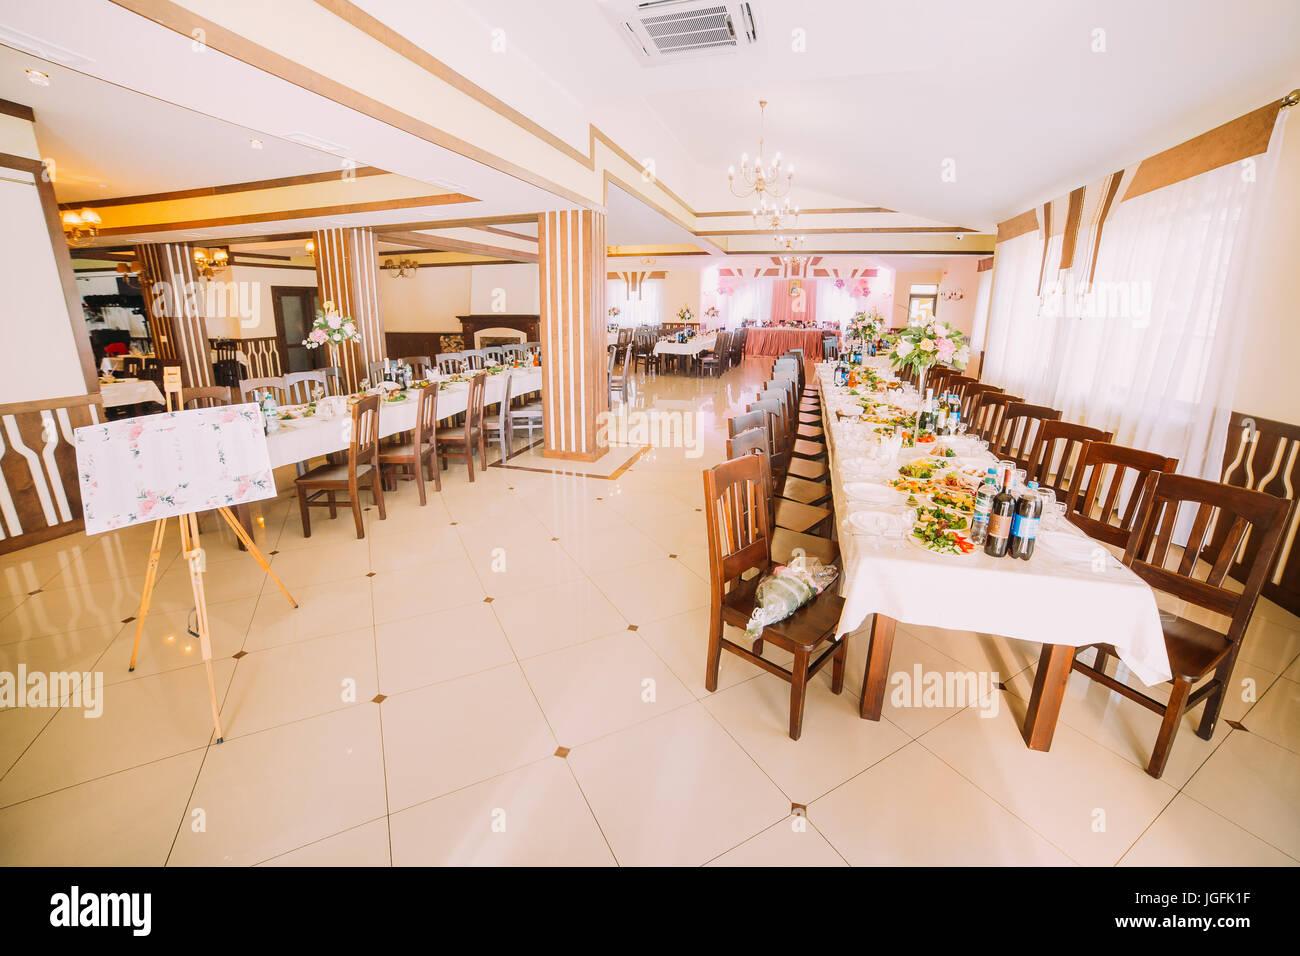 Das Interieur Des Restaurants Fur Die Hochzeitsfeier Stockfoto Bild